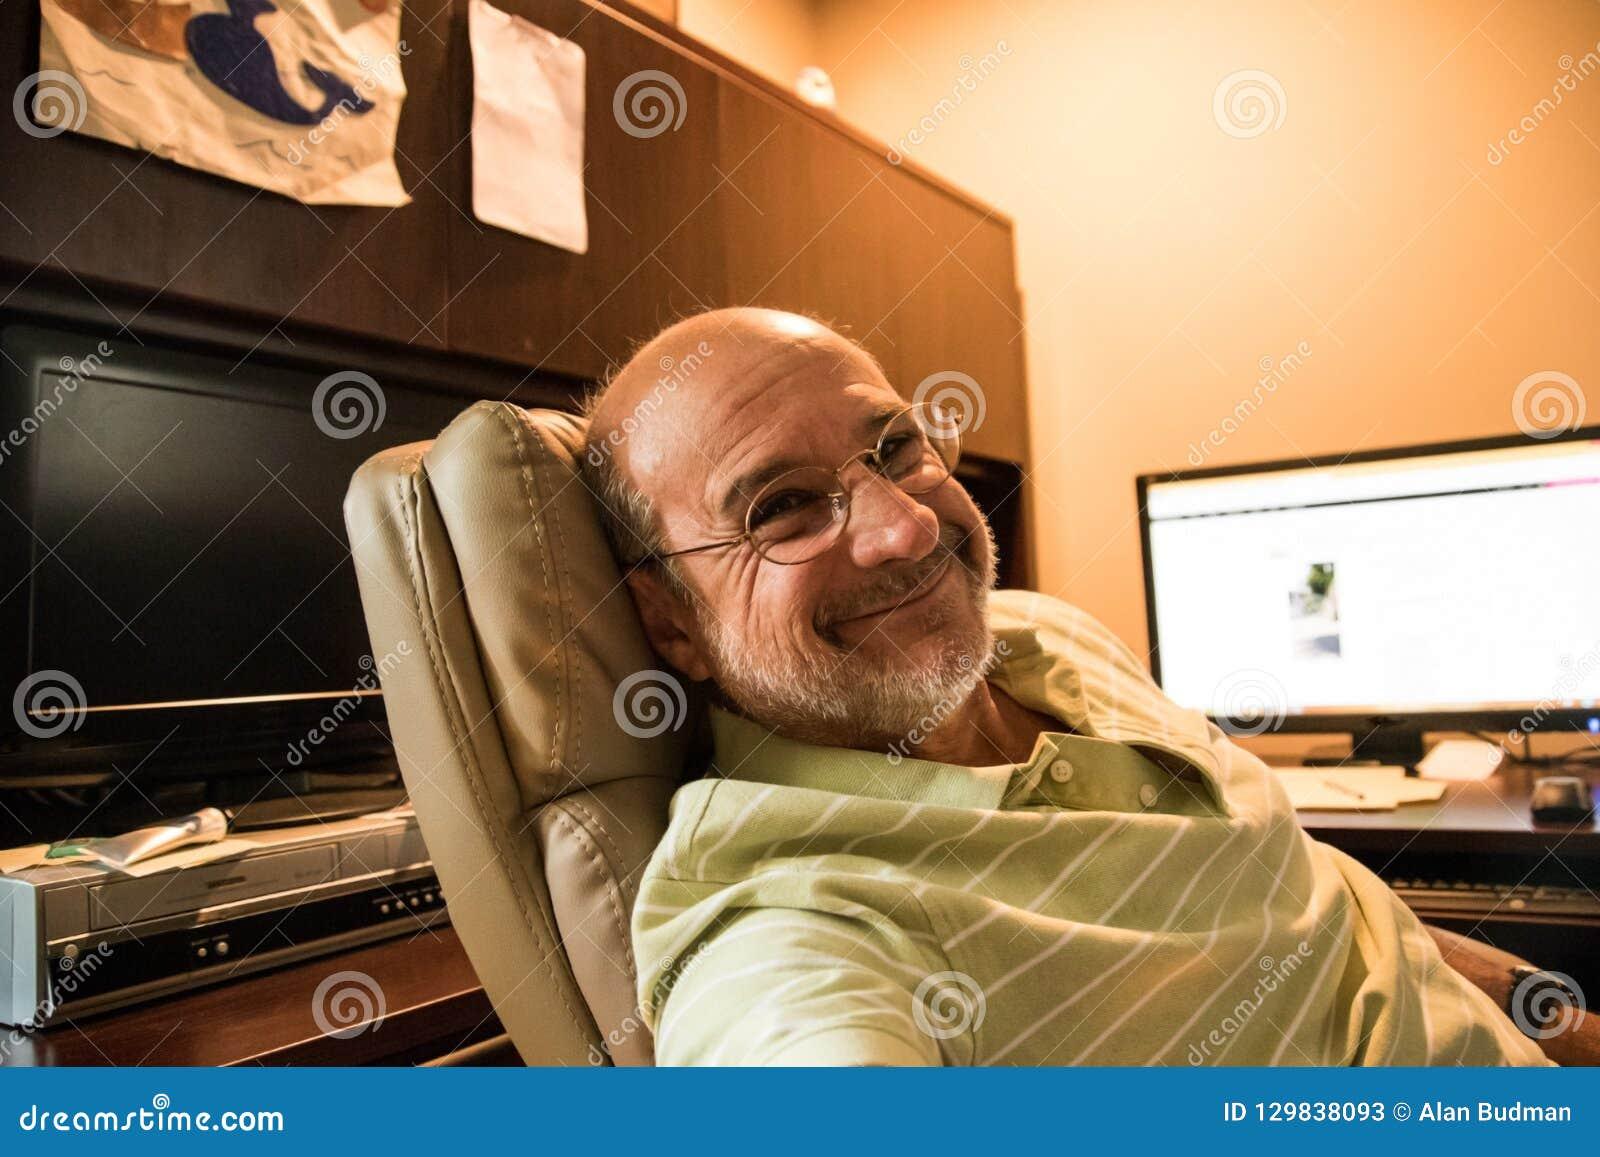 Uśmiechnięty stary łysy mężczyzny dziecko wyżu demograficznego opiera w rzemiennym wykonawczym krześle przy biurkiem z jego kompu